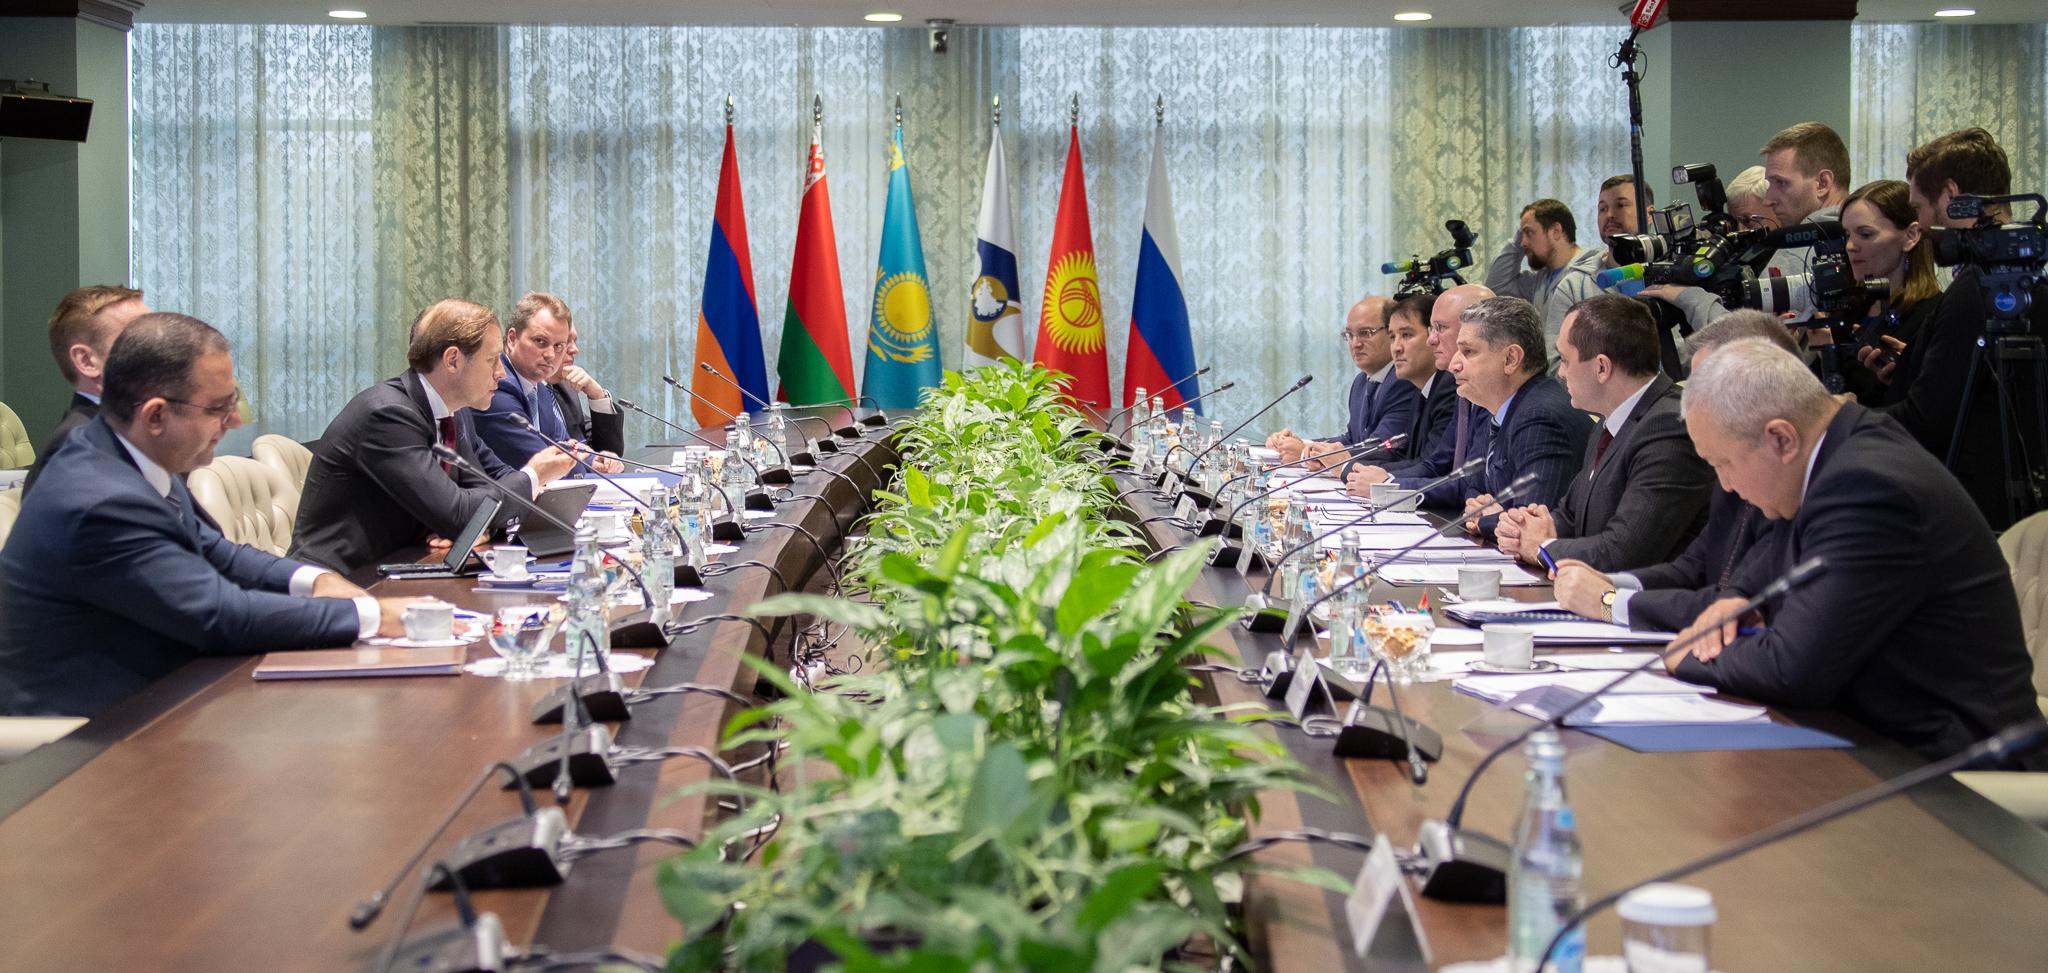 В ЕЭК состоялась встреча министров промышленности евразийской «пятерки»  , ЕЭК, ЕАЭС  , Роман Скляр